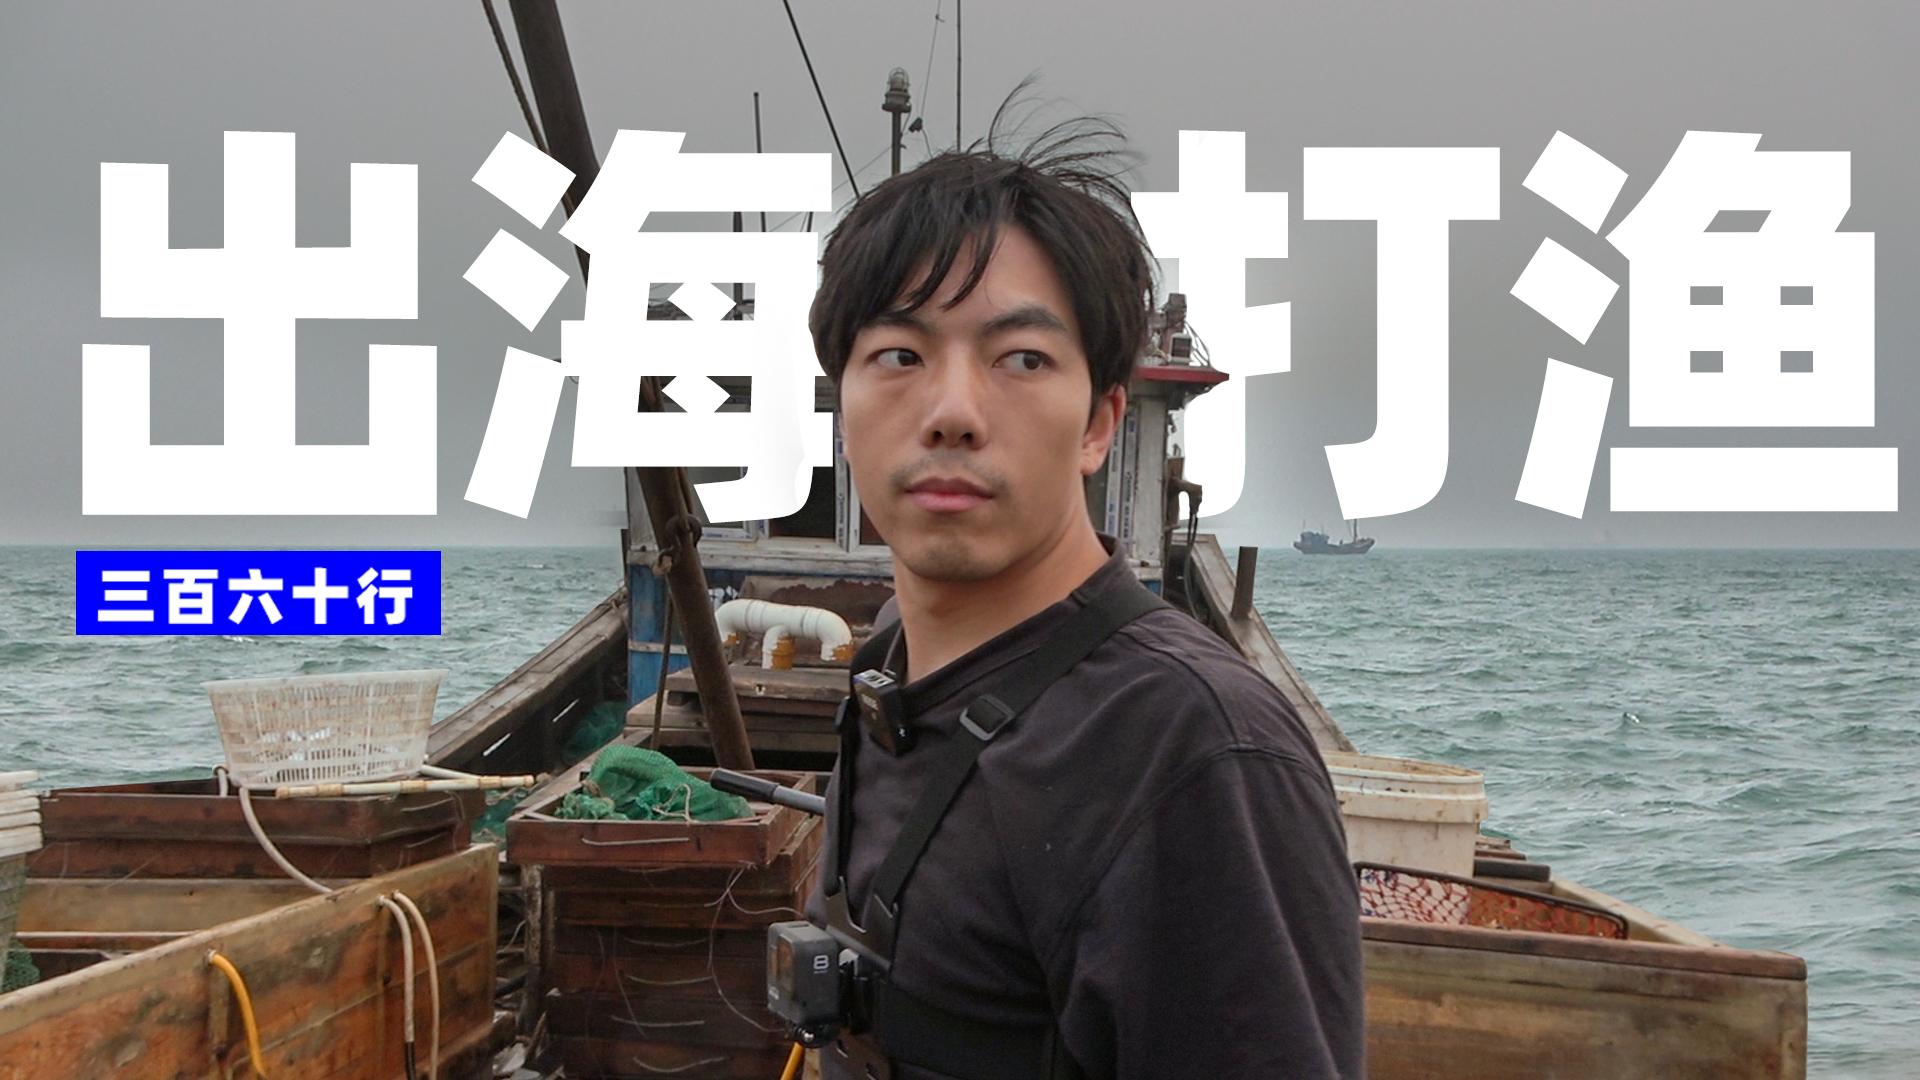 和渔民出海打渔是什么体验?《三百六十行》